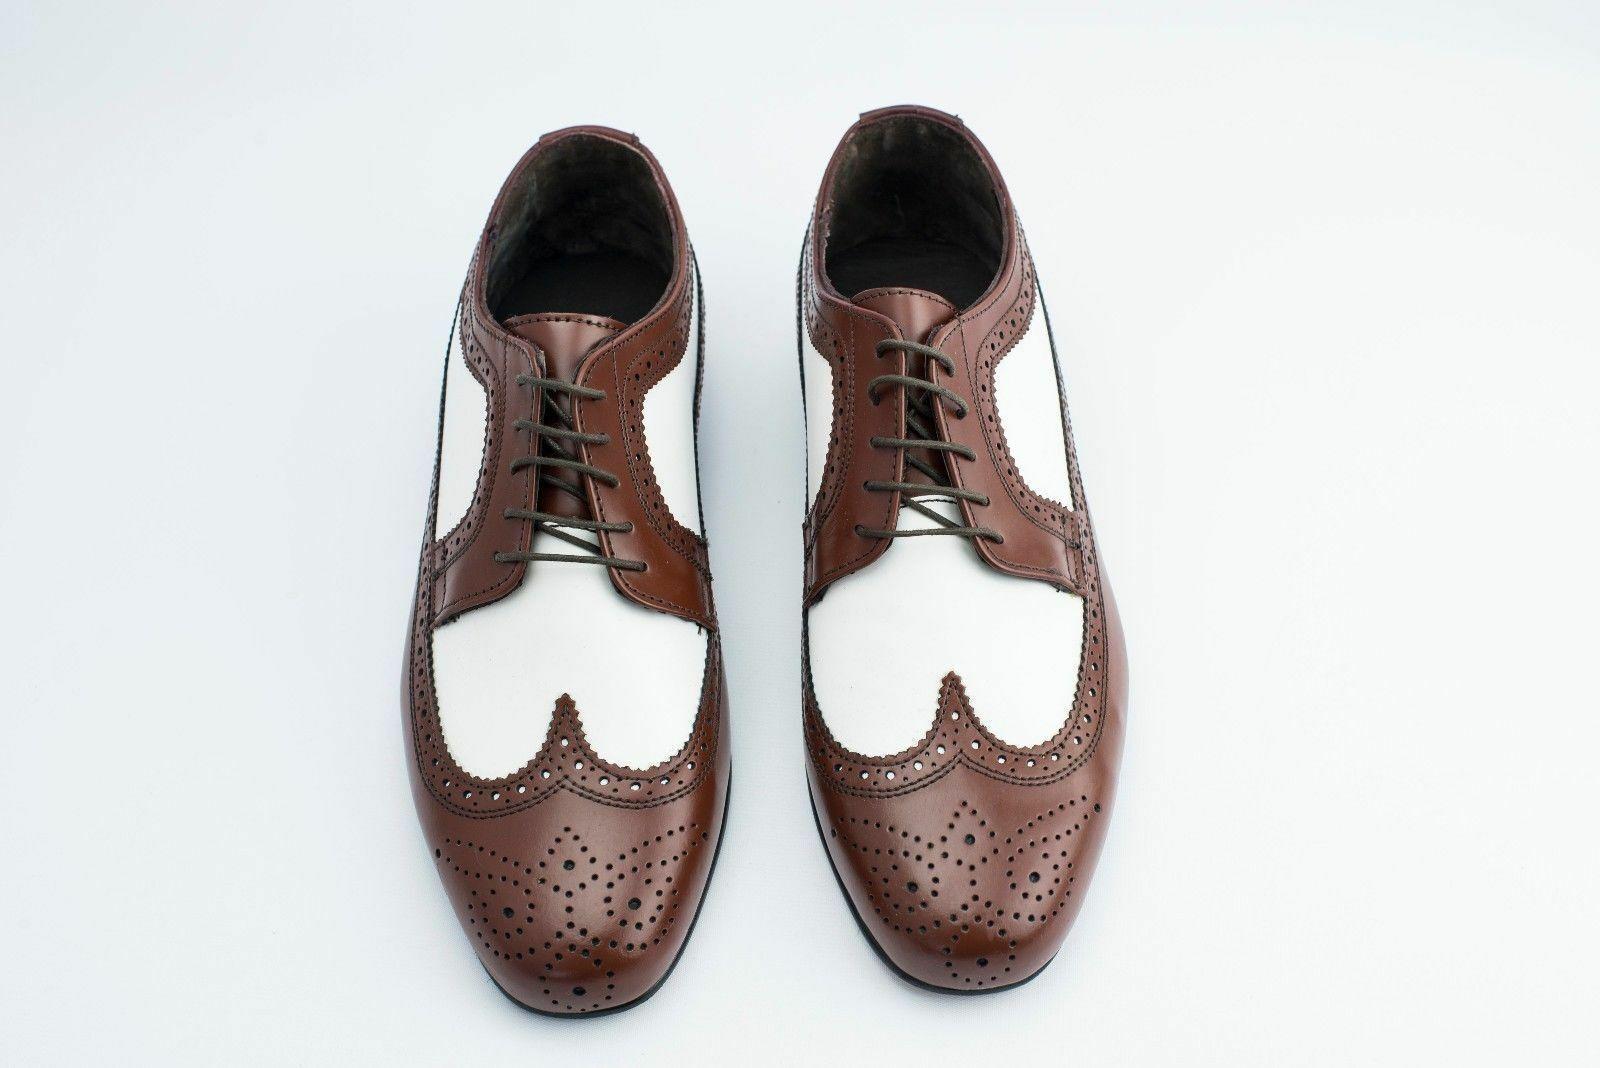 Nuevo-blancoo y Marrón Estilo Vintage, Suela de Cuero zapatos de punta del ala espectador hecho a mano